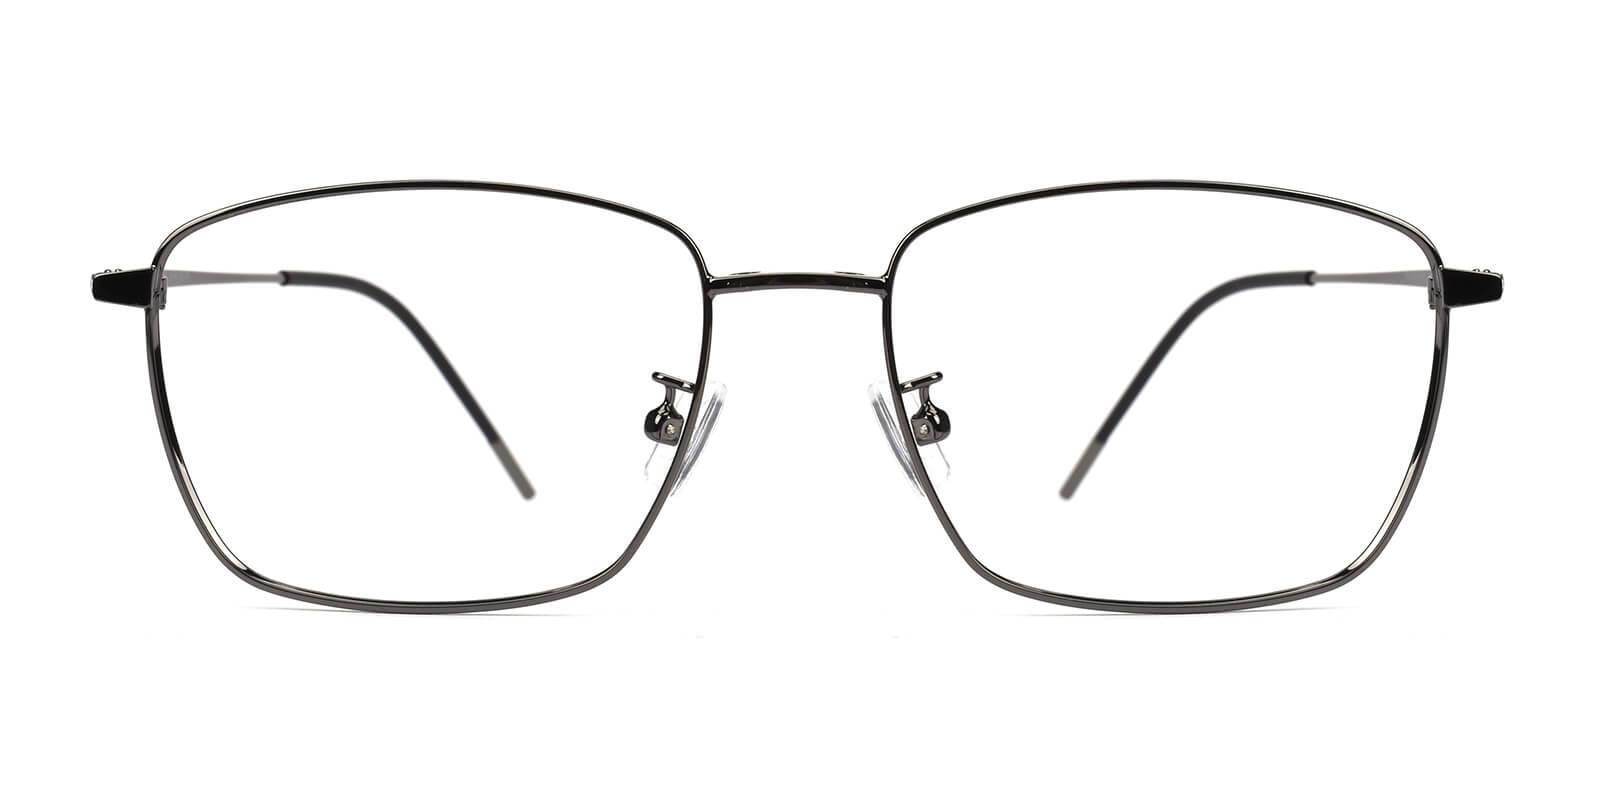 Bezel Gun Metal Eyeglasses , NosePads , SpringHinges Frames from ABBE Glasses